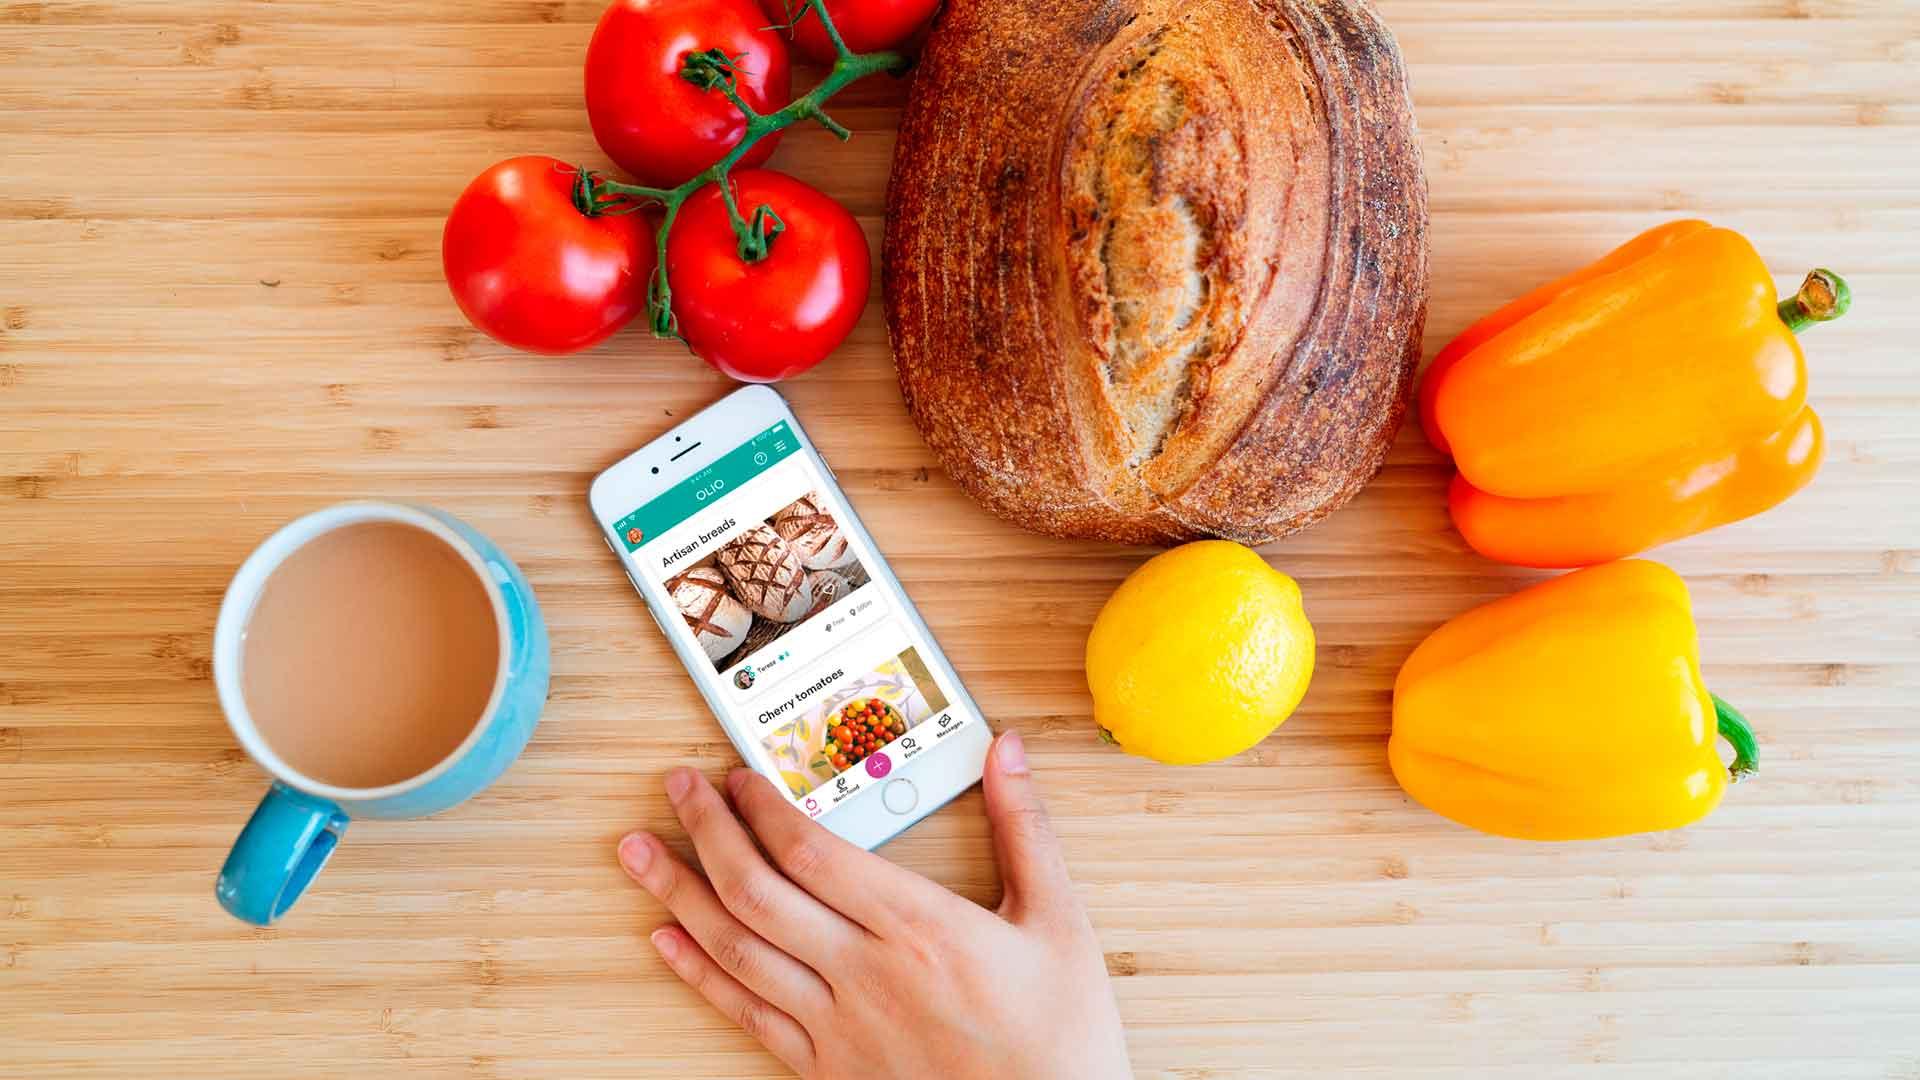 Olio, una app contra el desperdicio de alimentos